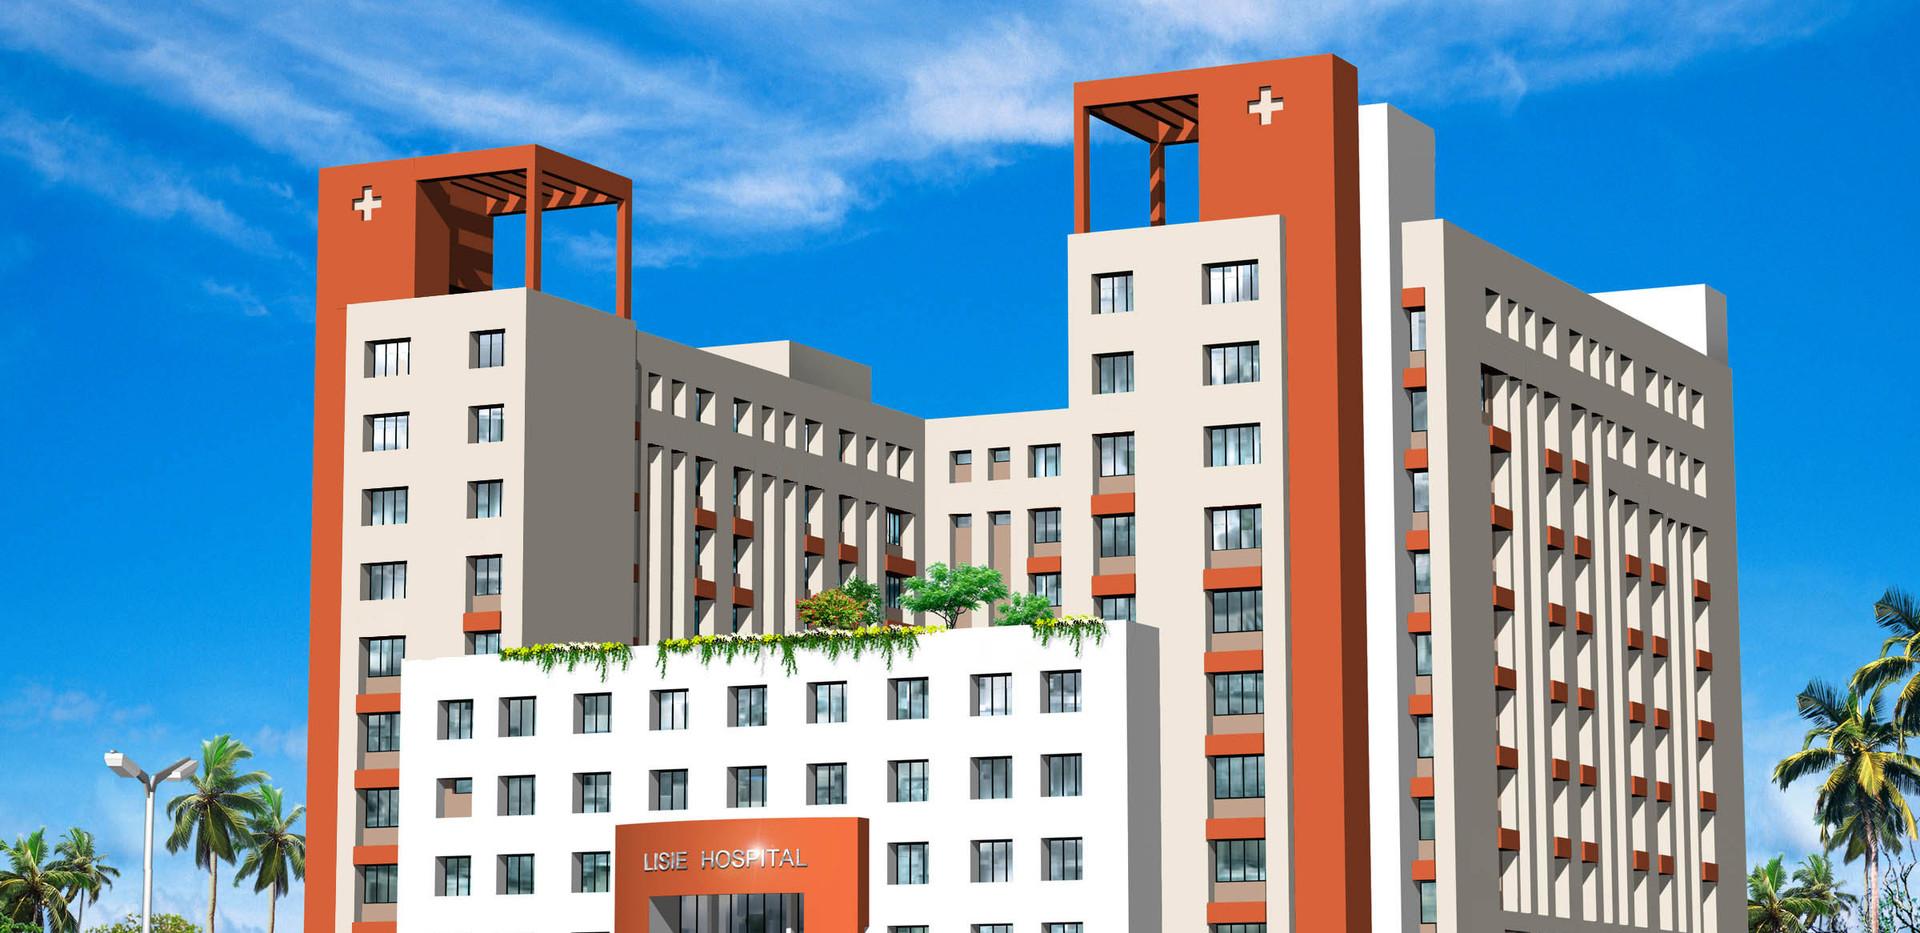 LISIE HOSPITAL KALOOR.jpg